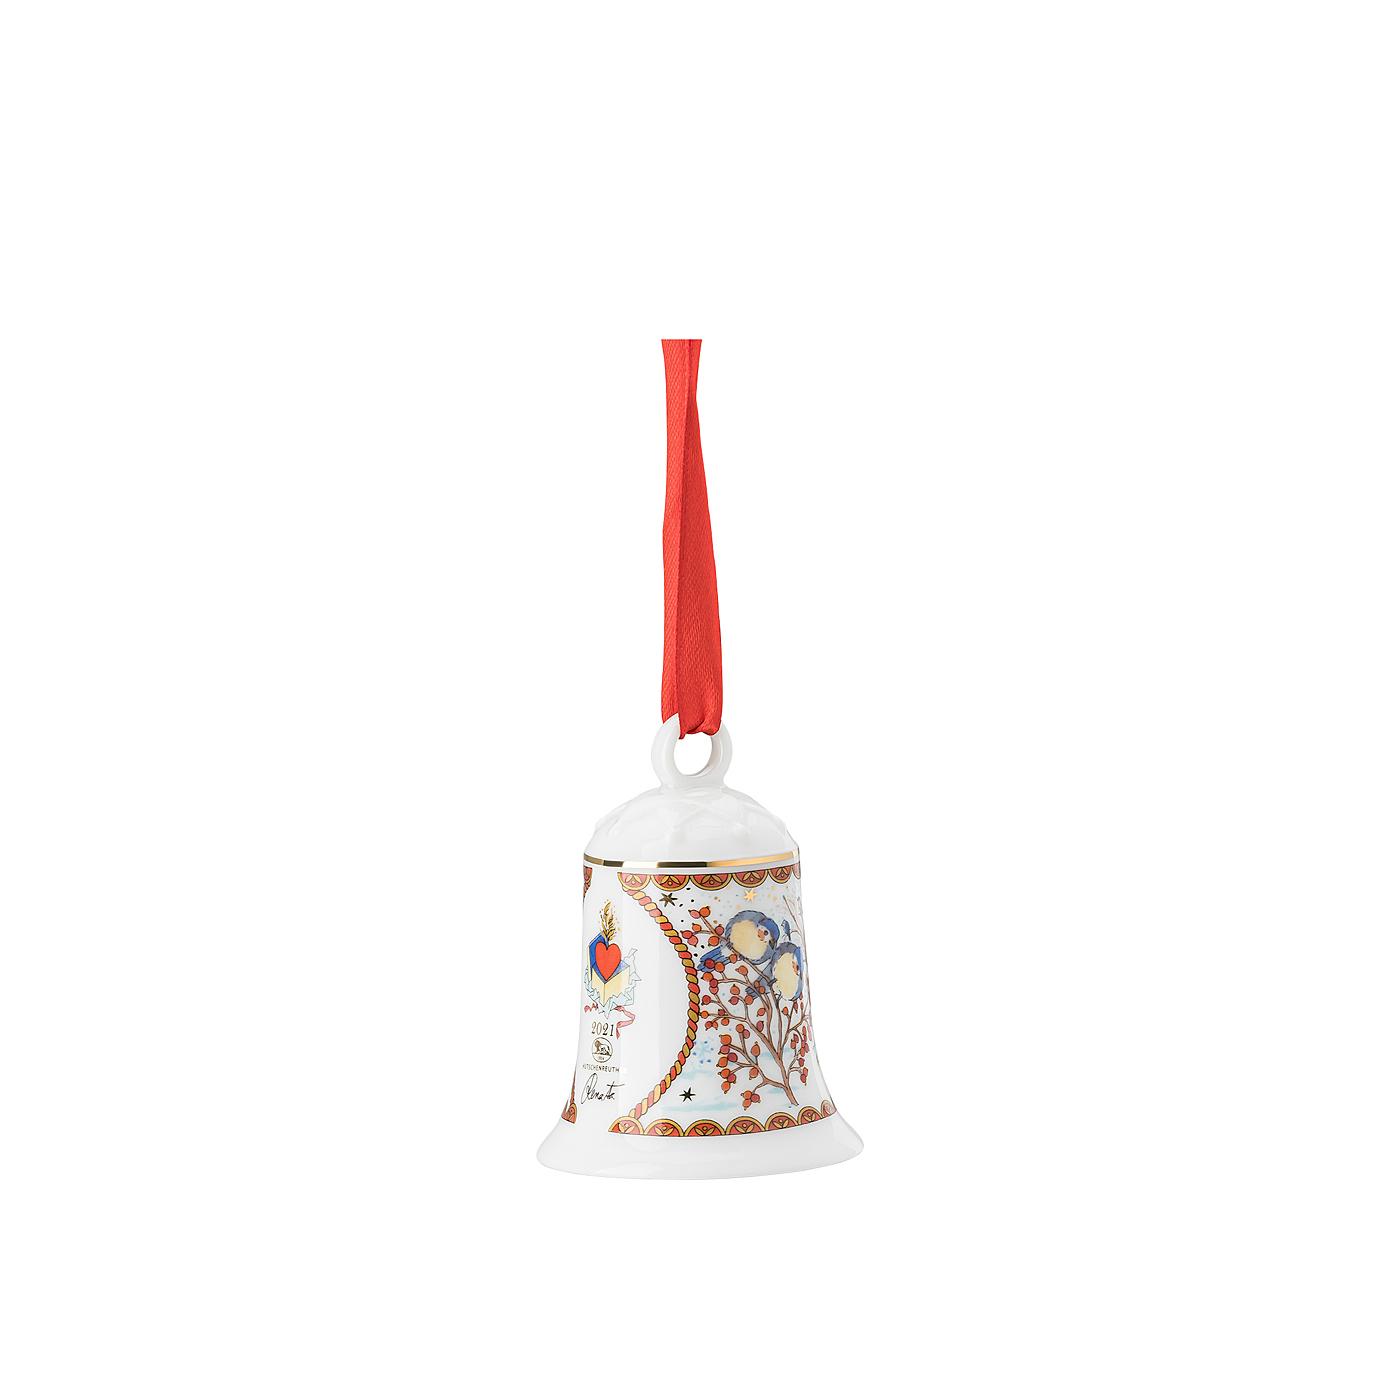 Porzellanglocke Porzellanglocke Weihnachtsglocke 21 Hutschenreuther